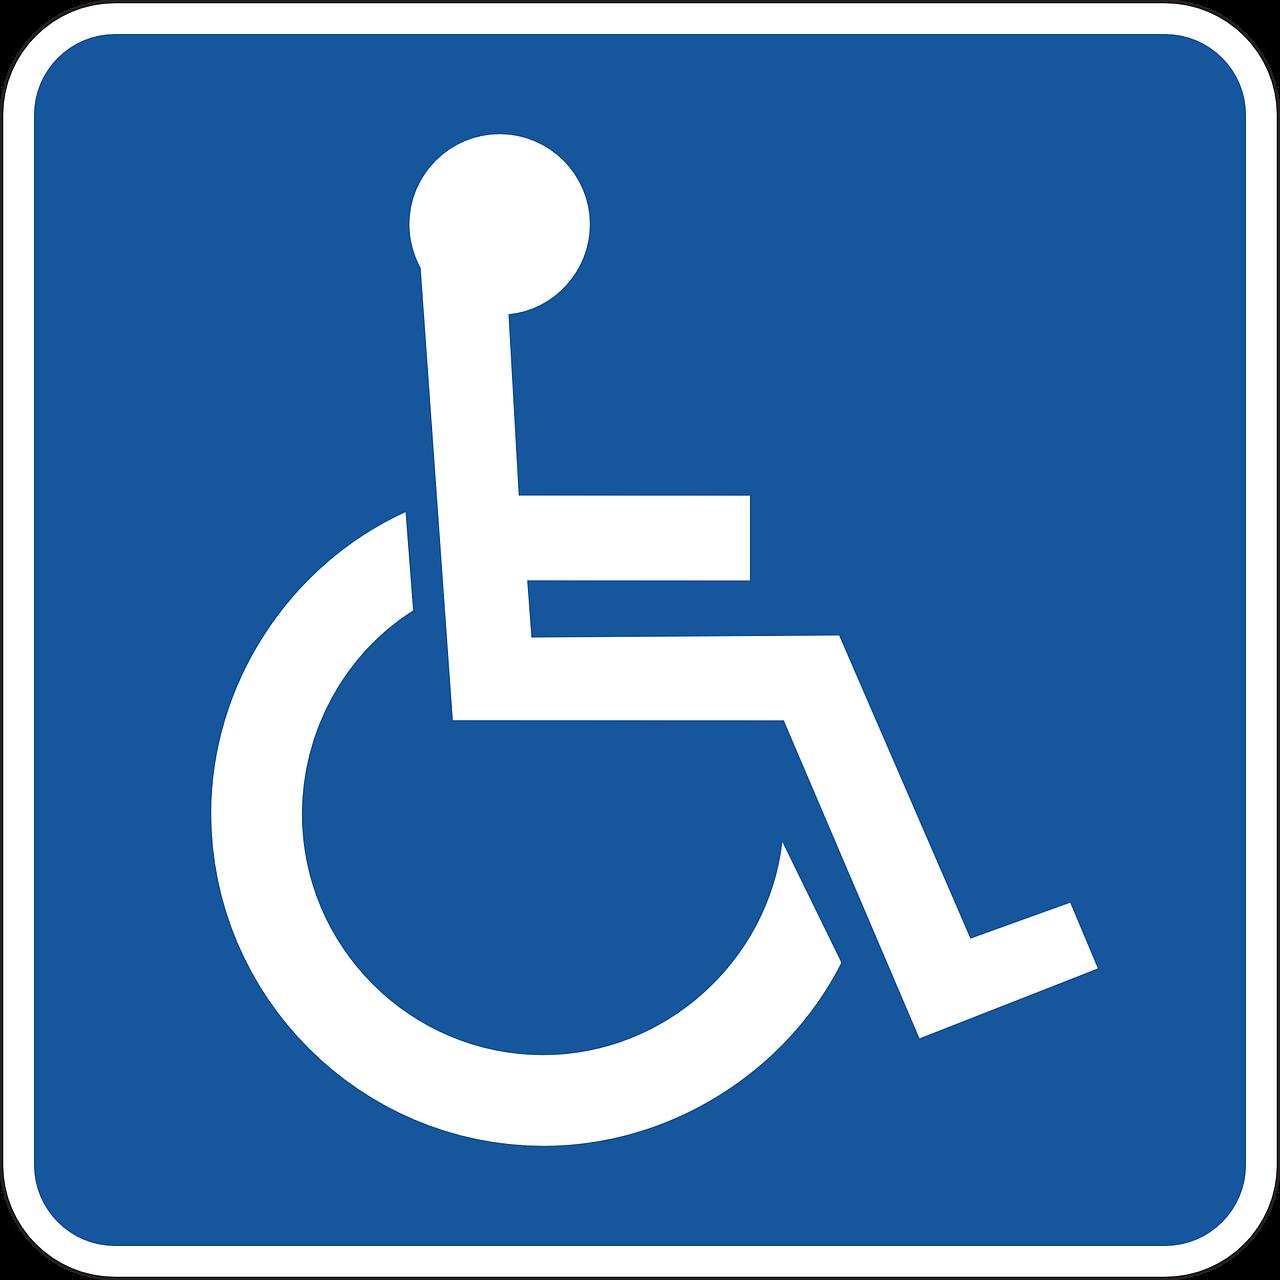 Van den Brink - Zorgt Ervaren instelling gehandicaptenzorg verstandelijk gehandicapten